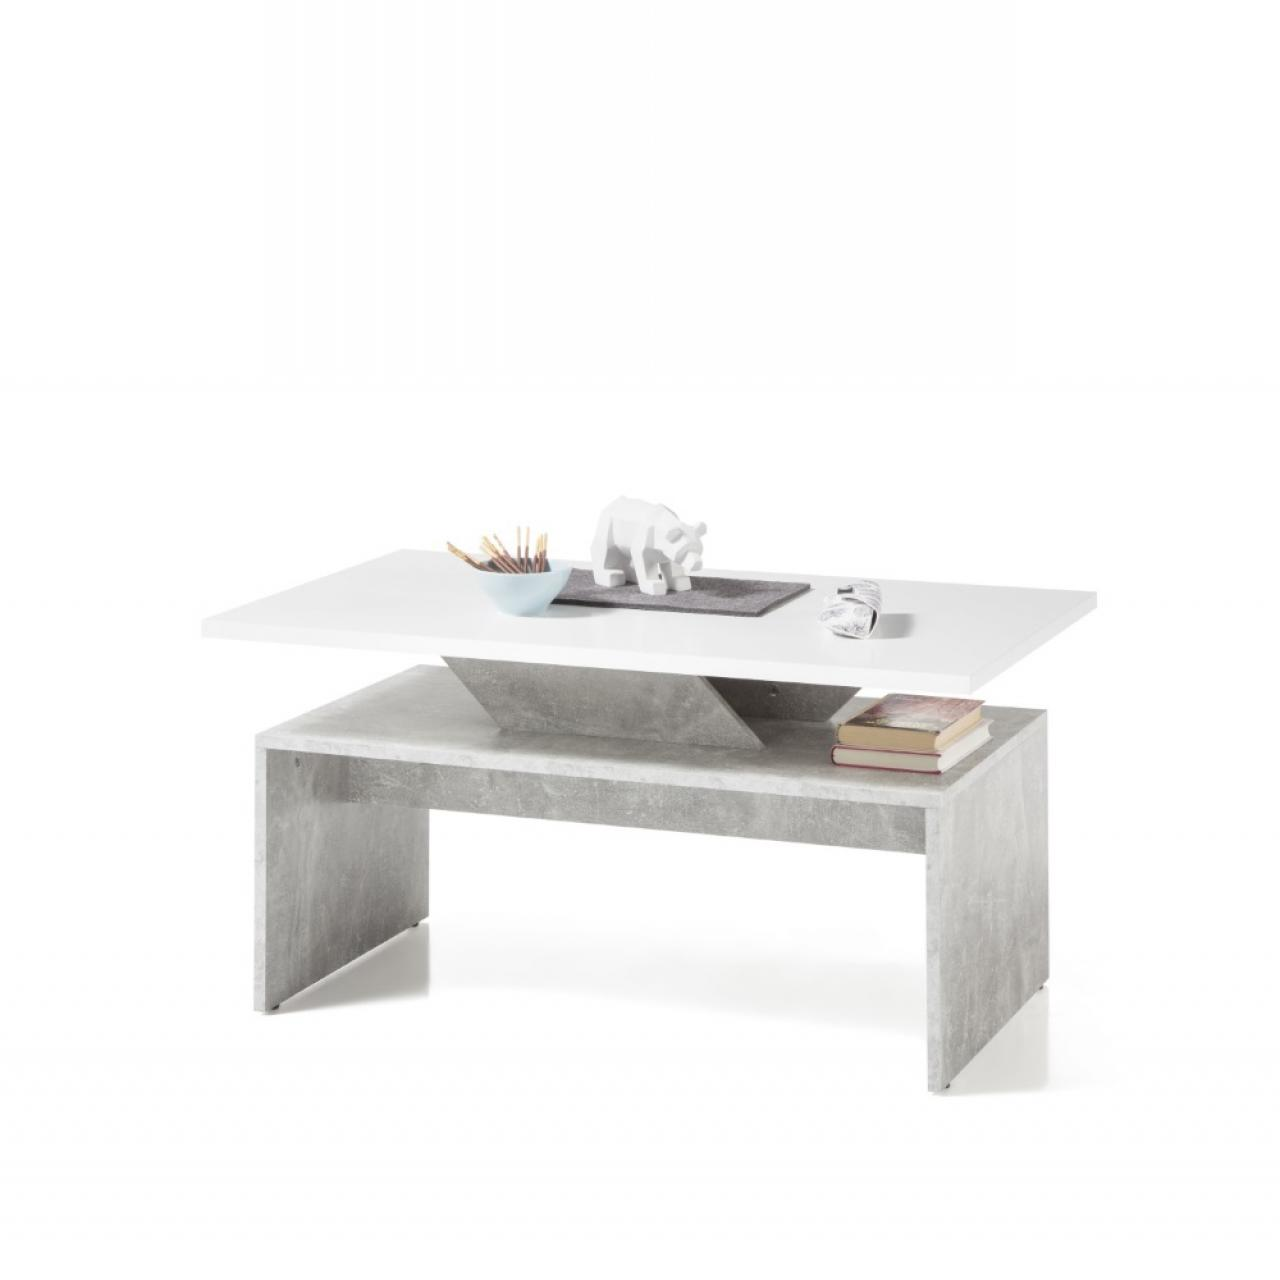 Couchtisch Allegra Beton Weiß 100x60 cm MDF